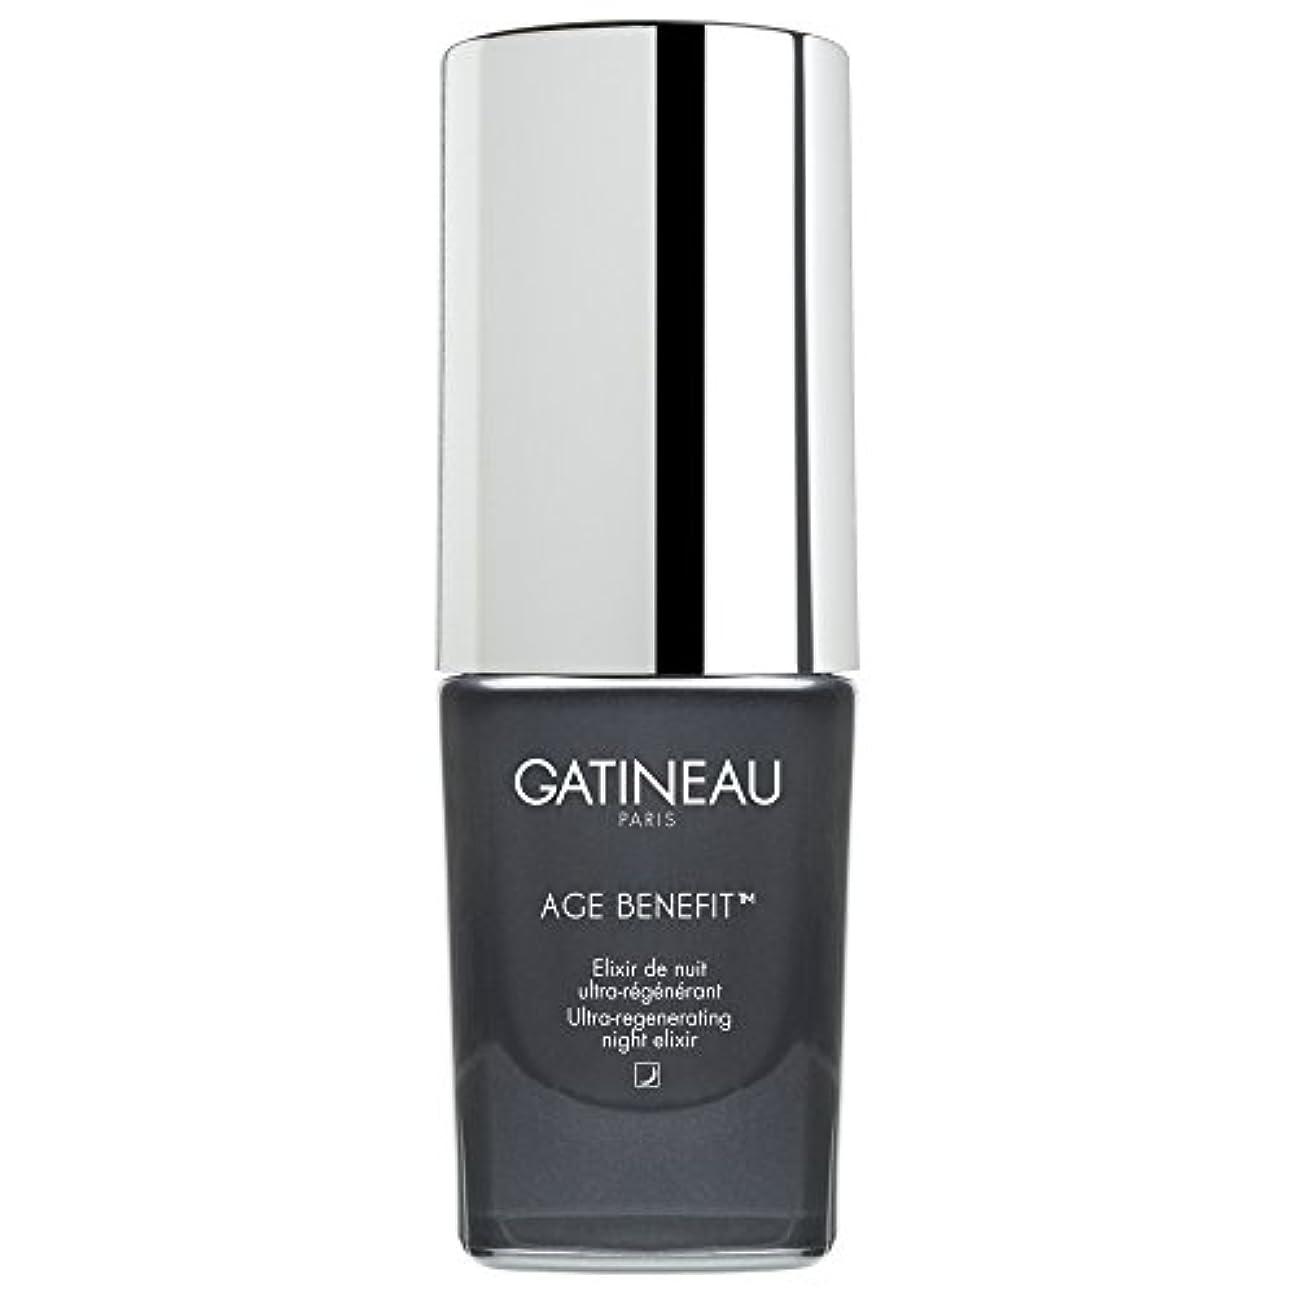 二年生干渉するキャンパスガティノー年齢給付超再生夜のエリクシルの15ミリリットル (Gatineau) (x2) - Gatineau Age Benefit Ultra-Regenerating Night Elixir 15ml (Pack...